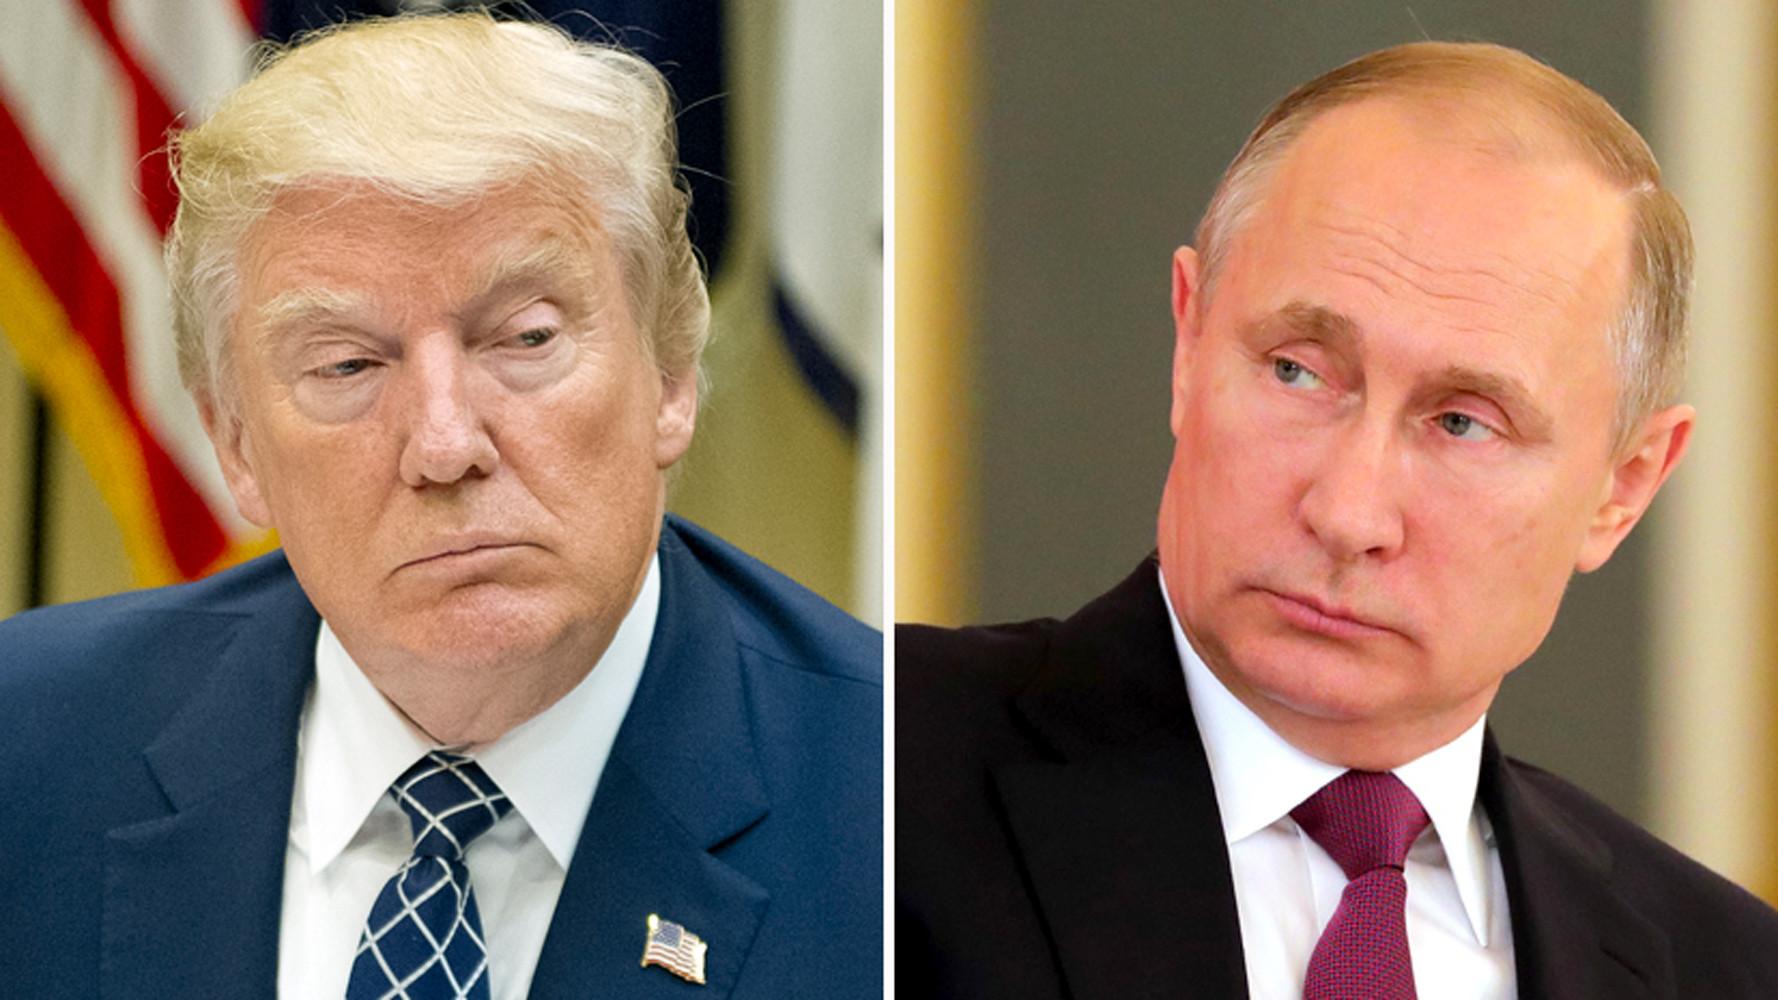 американские СМИ узнали о «тайной» встрече Трампа и Путина»